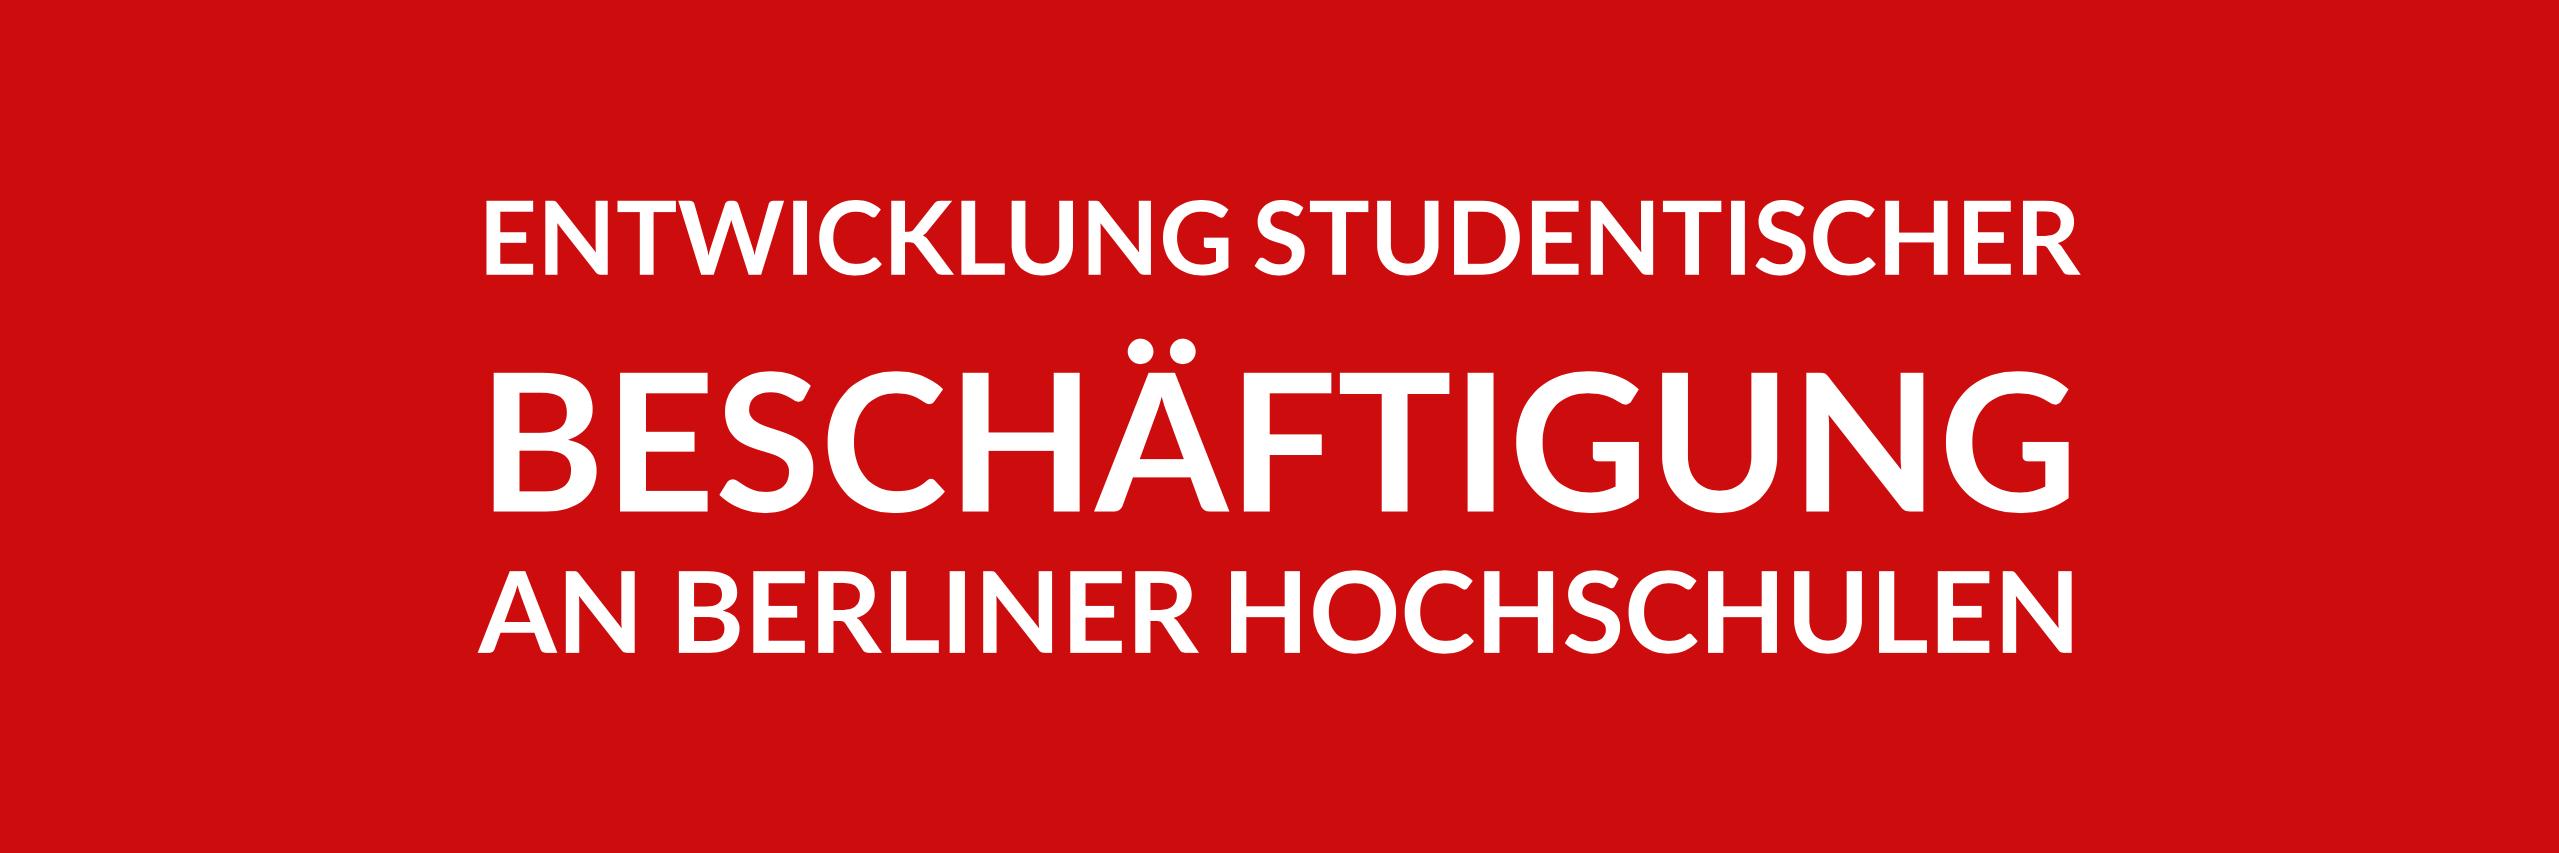 Anfrage 'Entwicklung studentischer Beschäftigung an Berliner Hochschulen' (PDF)